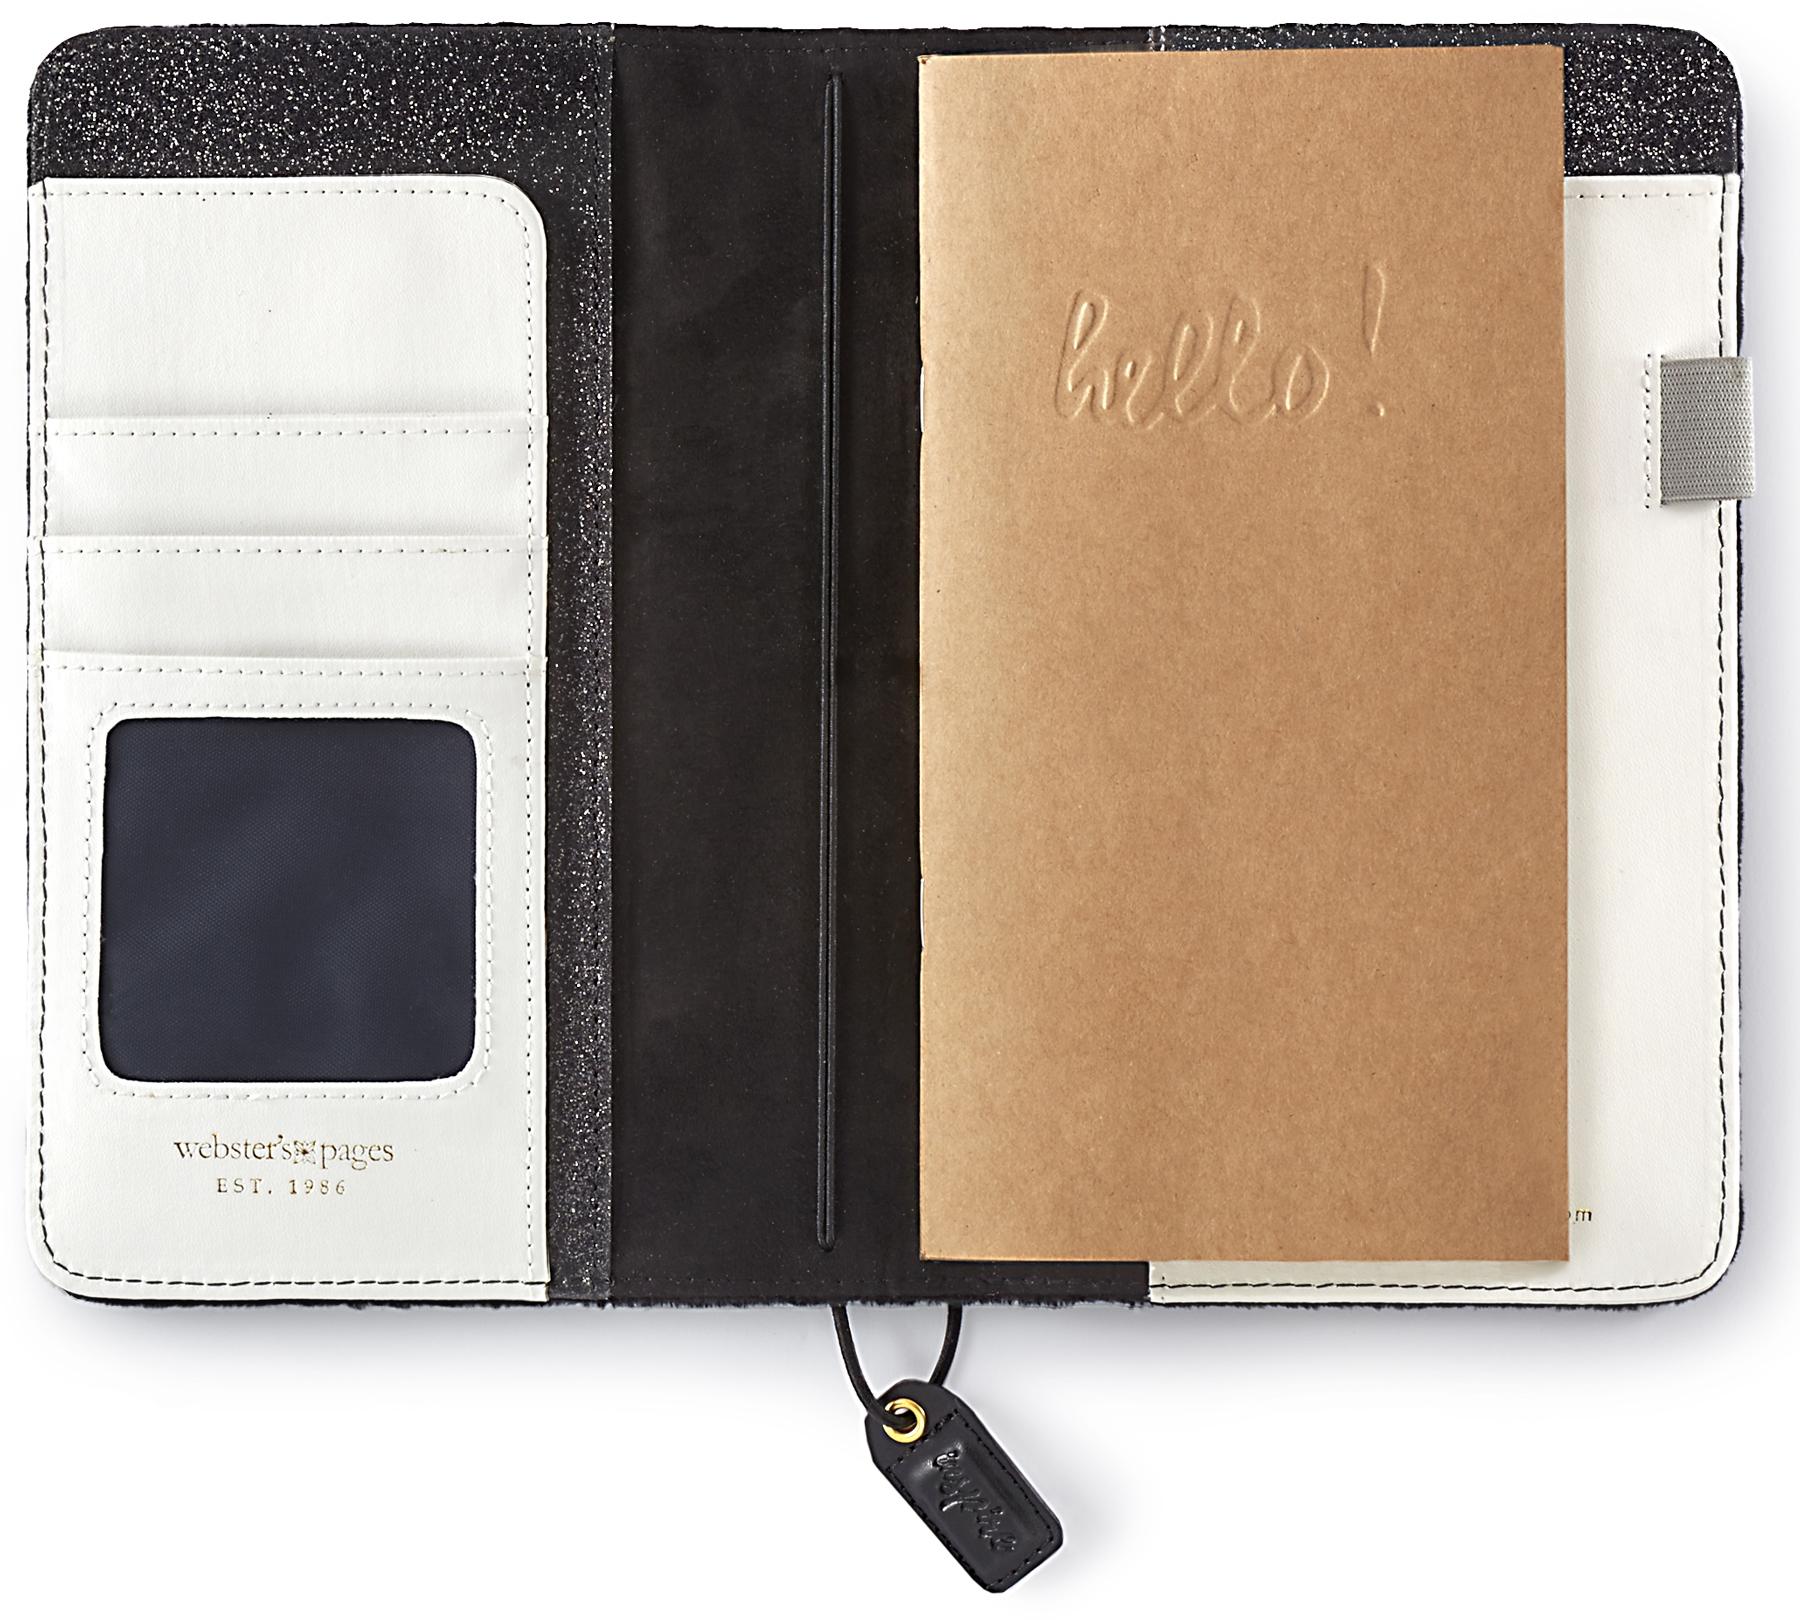 Webster's Pages Traveler Notebook